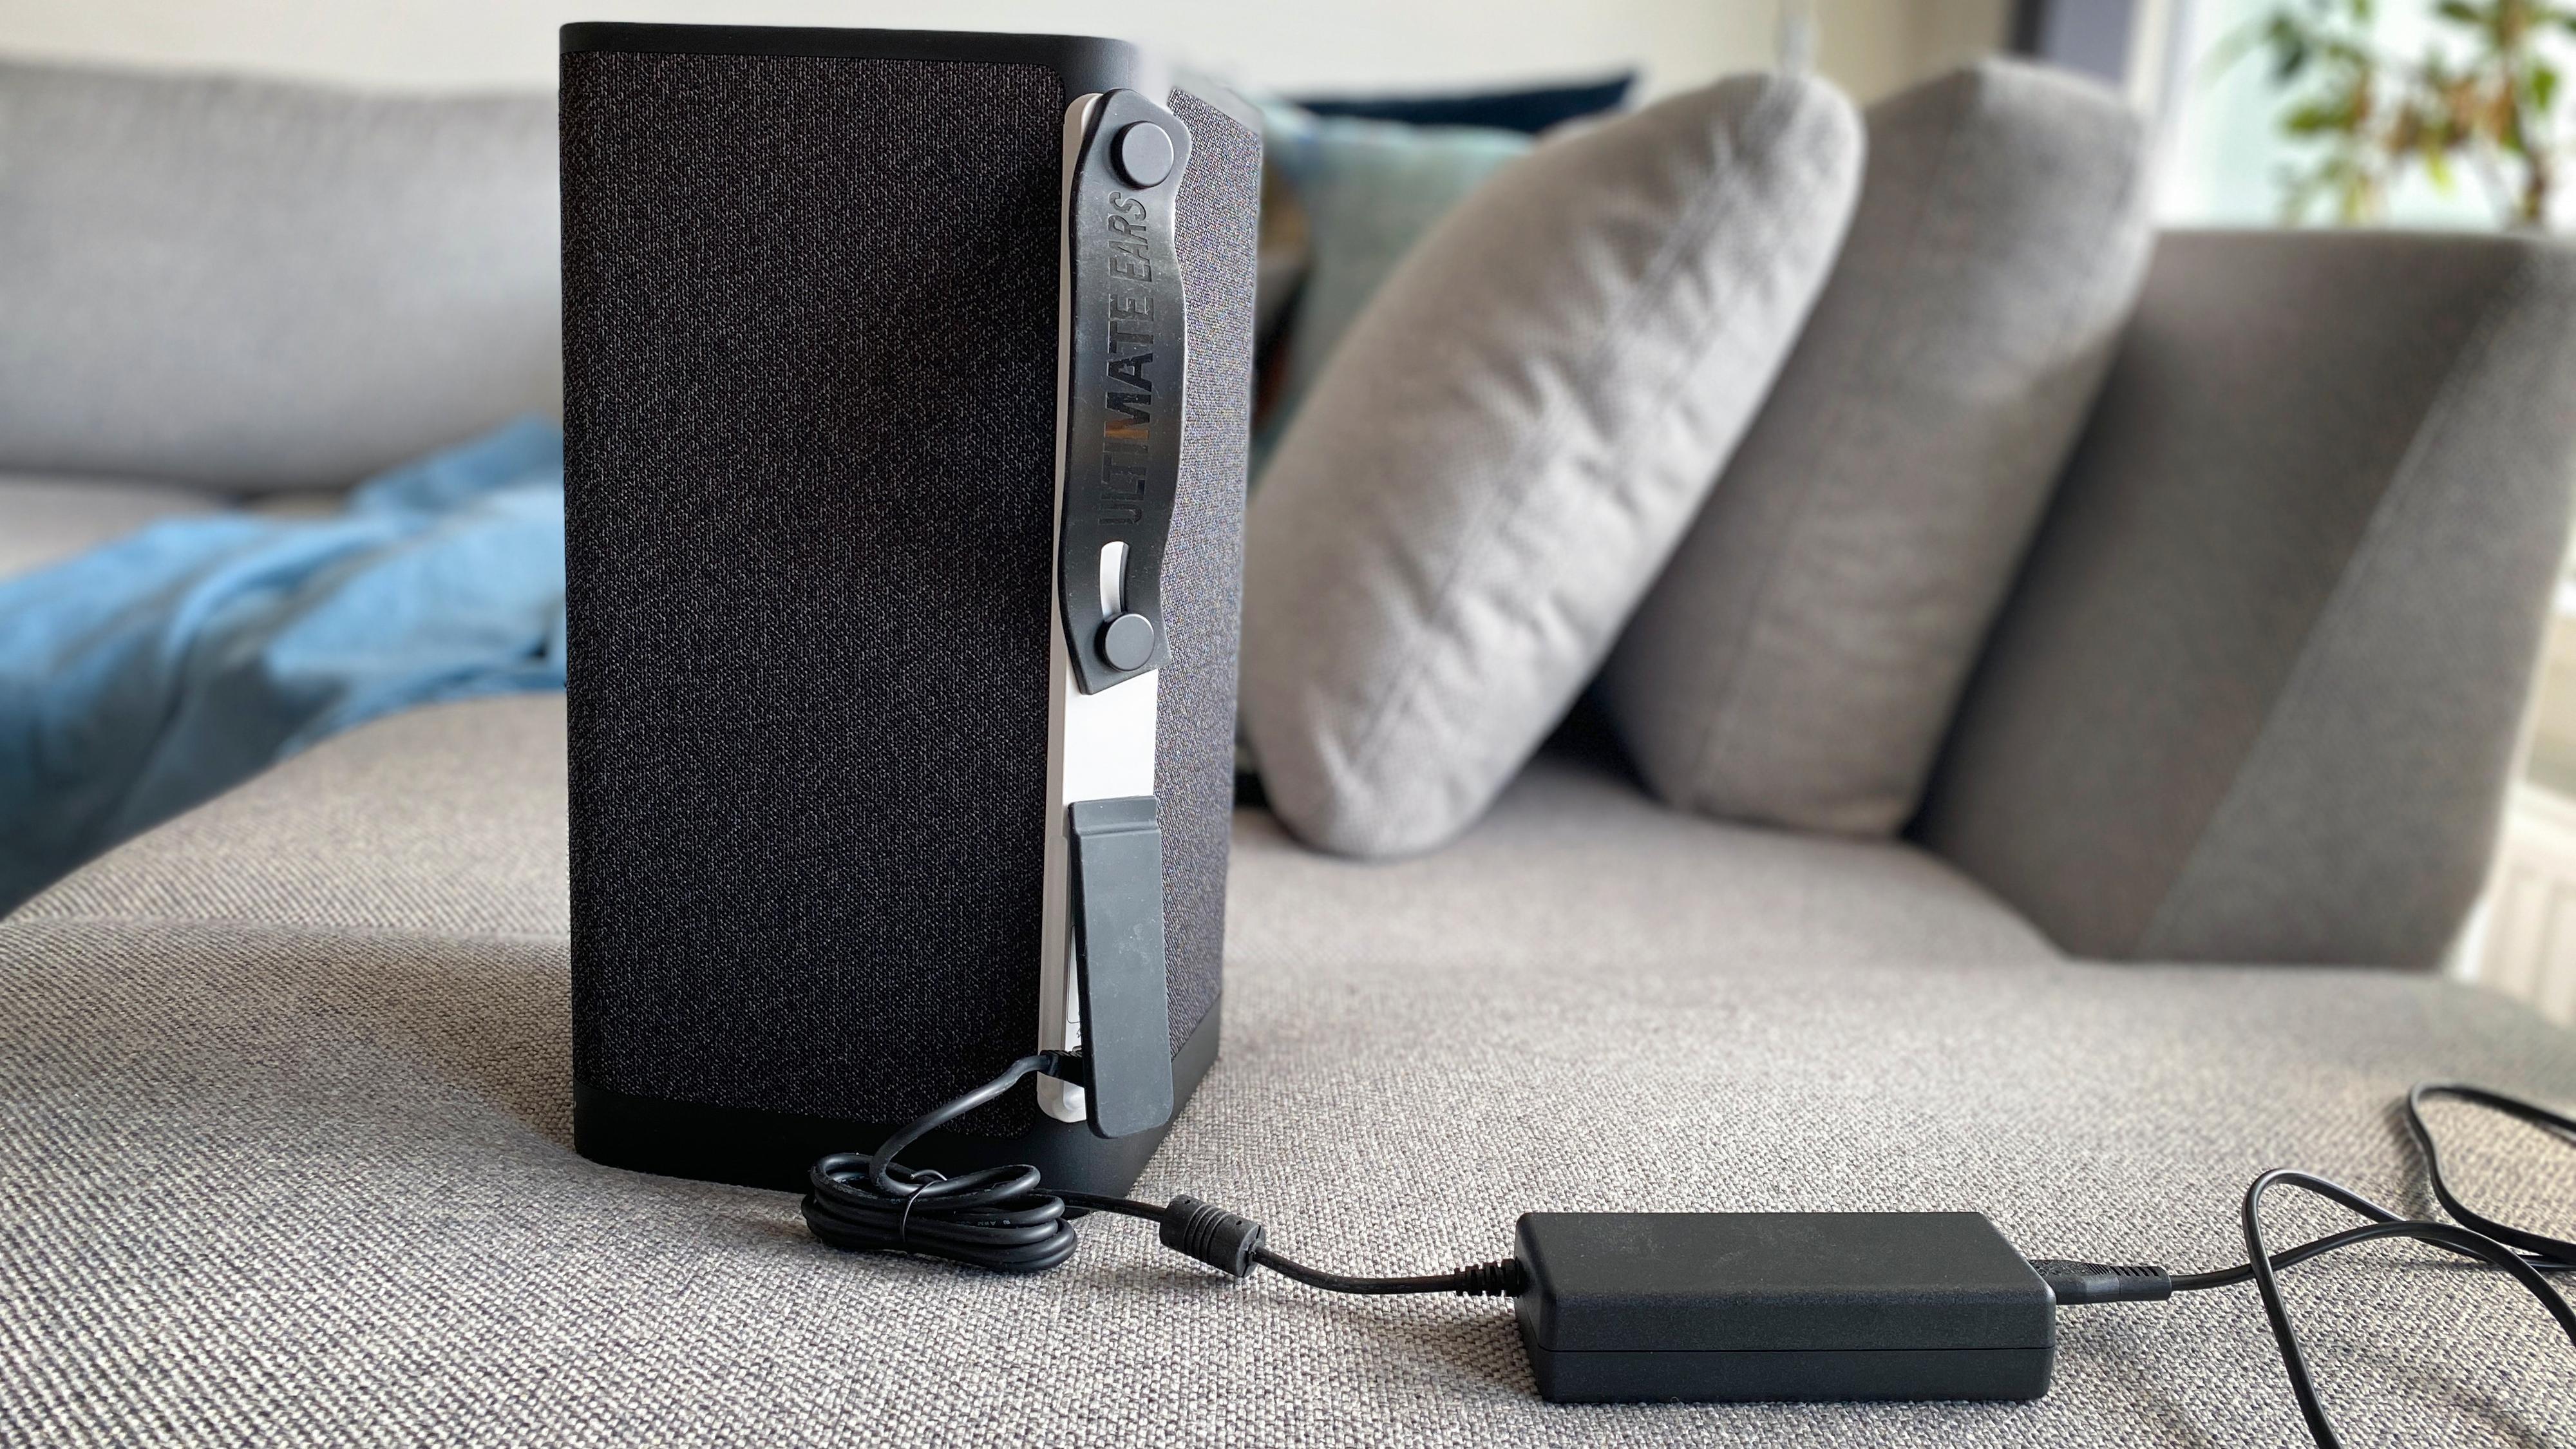 Proprietær lader virker litt unødvendig, men det er mulig USB-C ville blitt ditto kostbart.